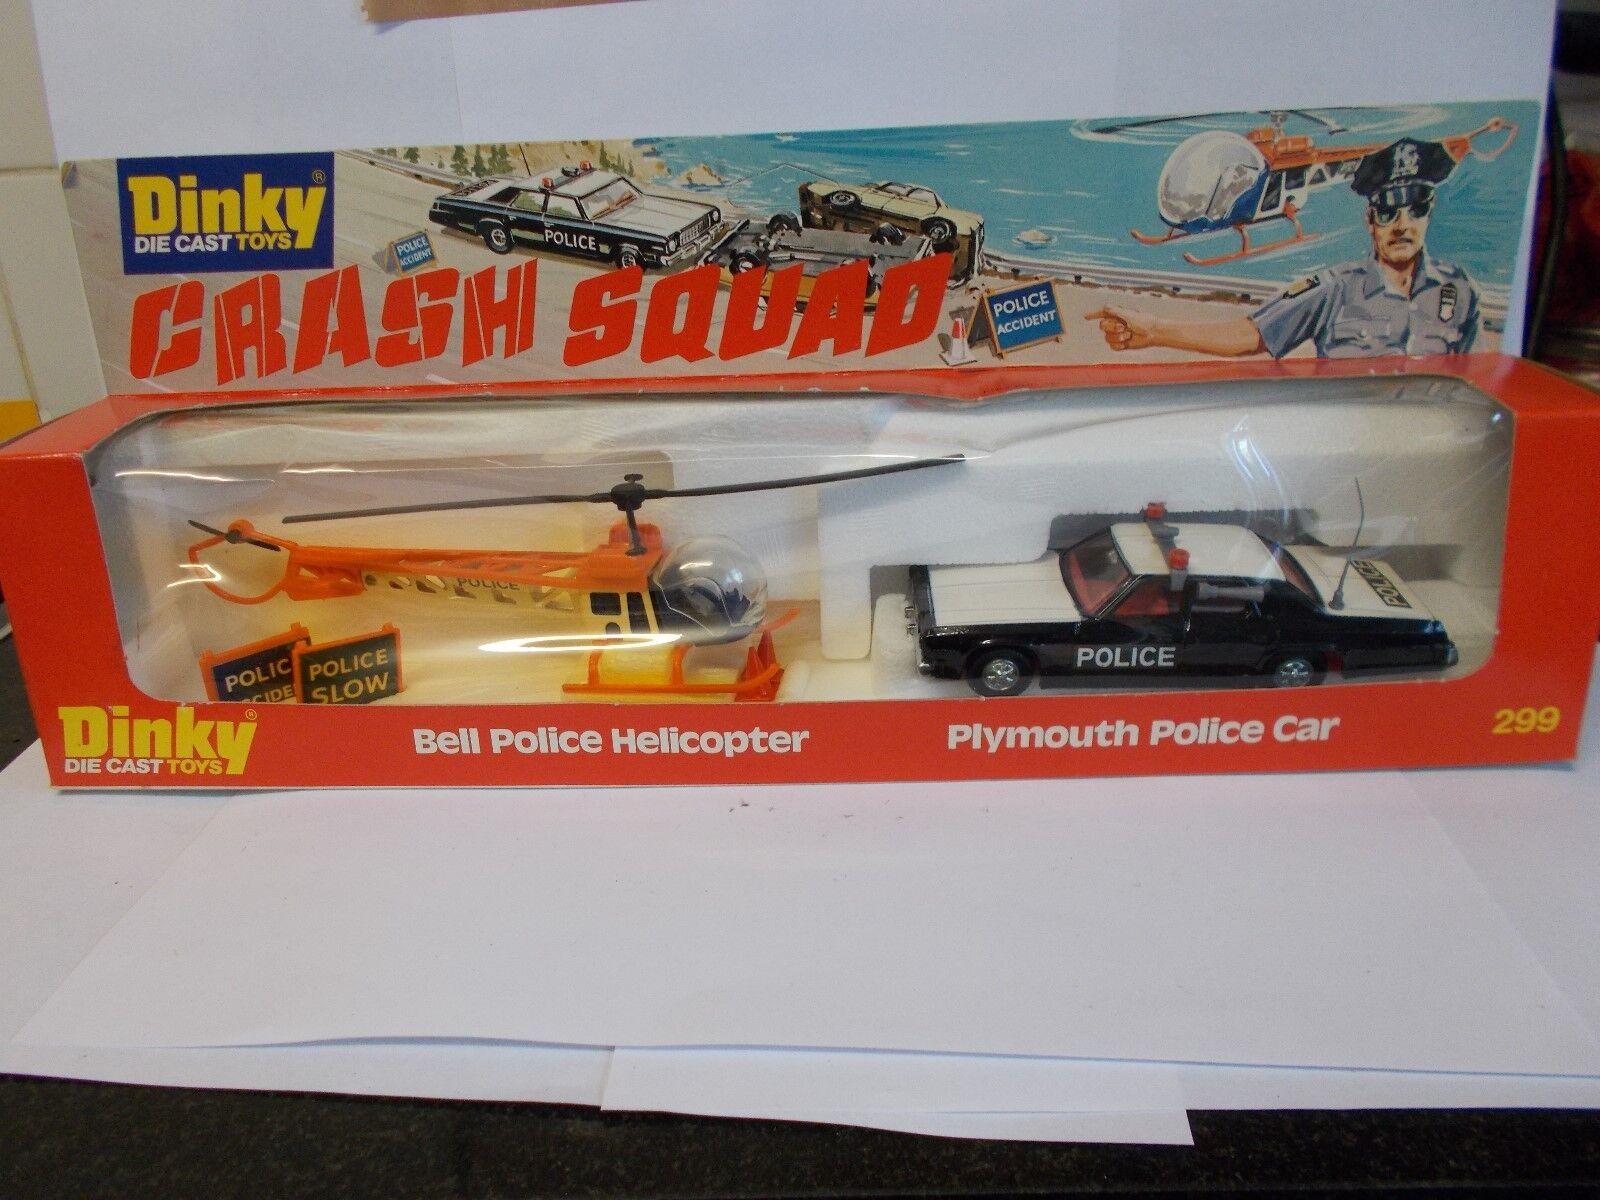 Achats de Noël Dinky Gift Set 299 police Crash squard vintage 1978 Boxed | Couleur Rapide